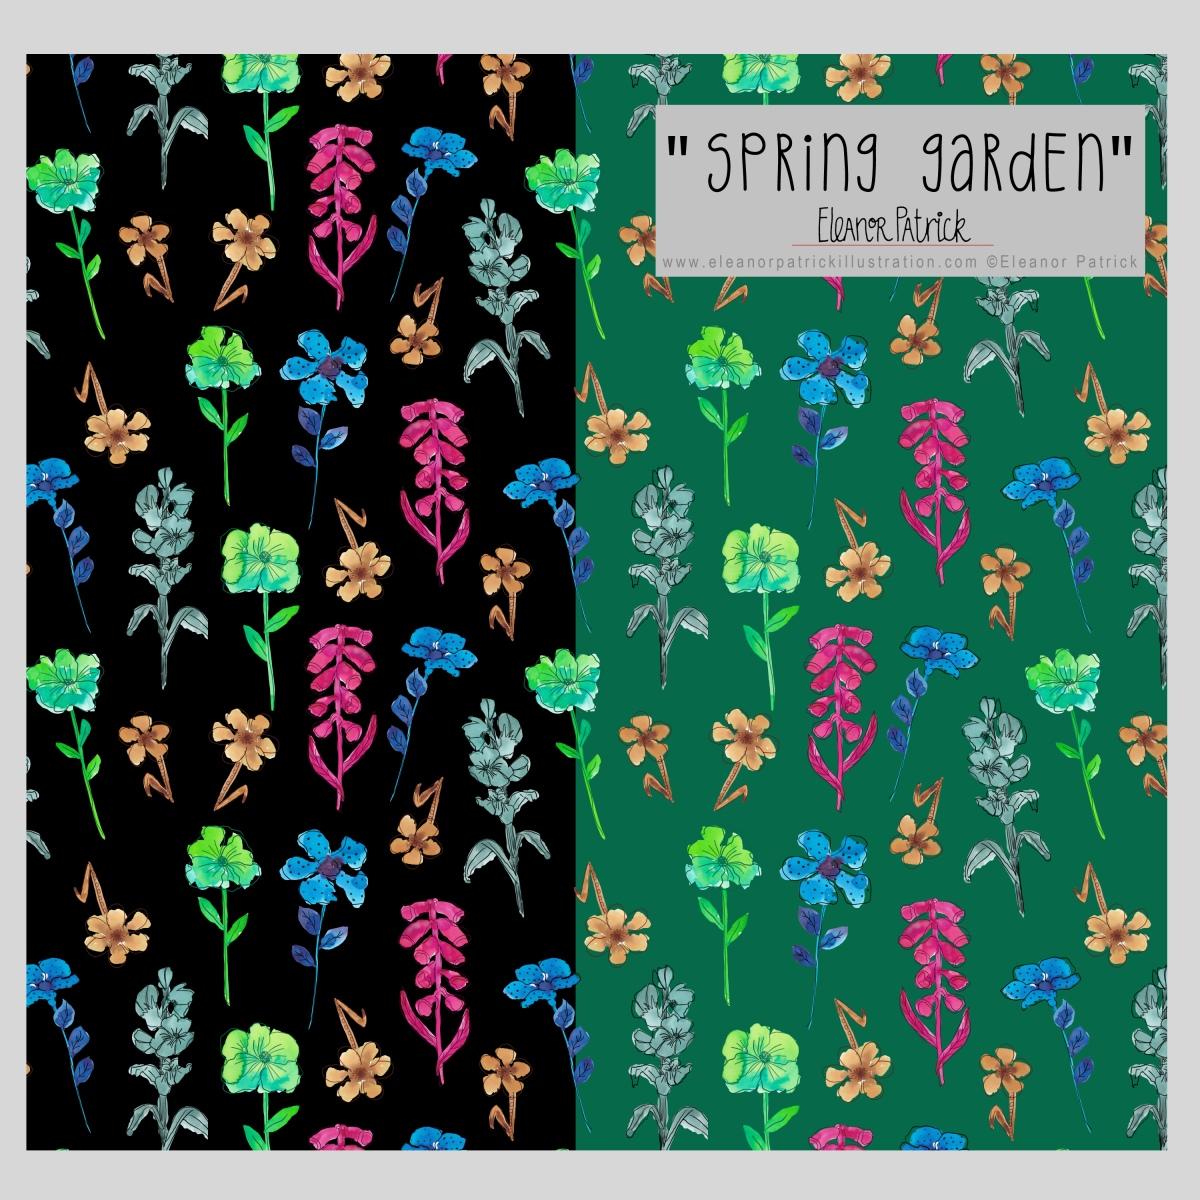 spring garden samples